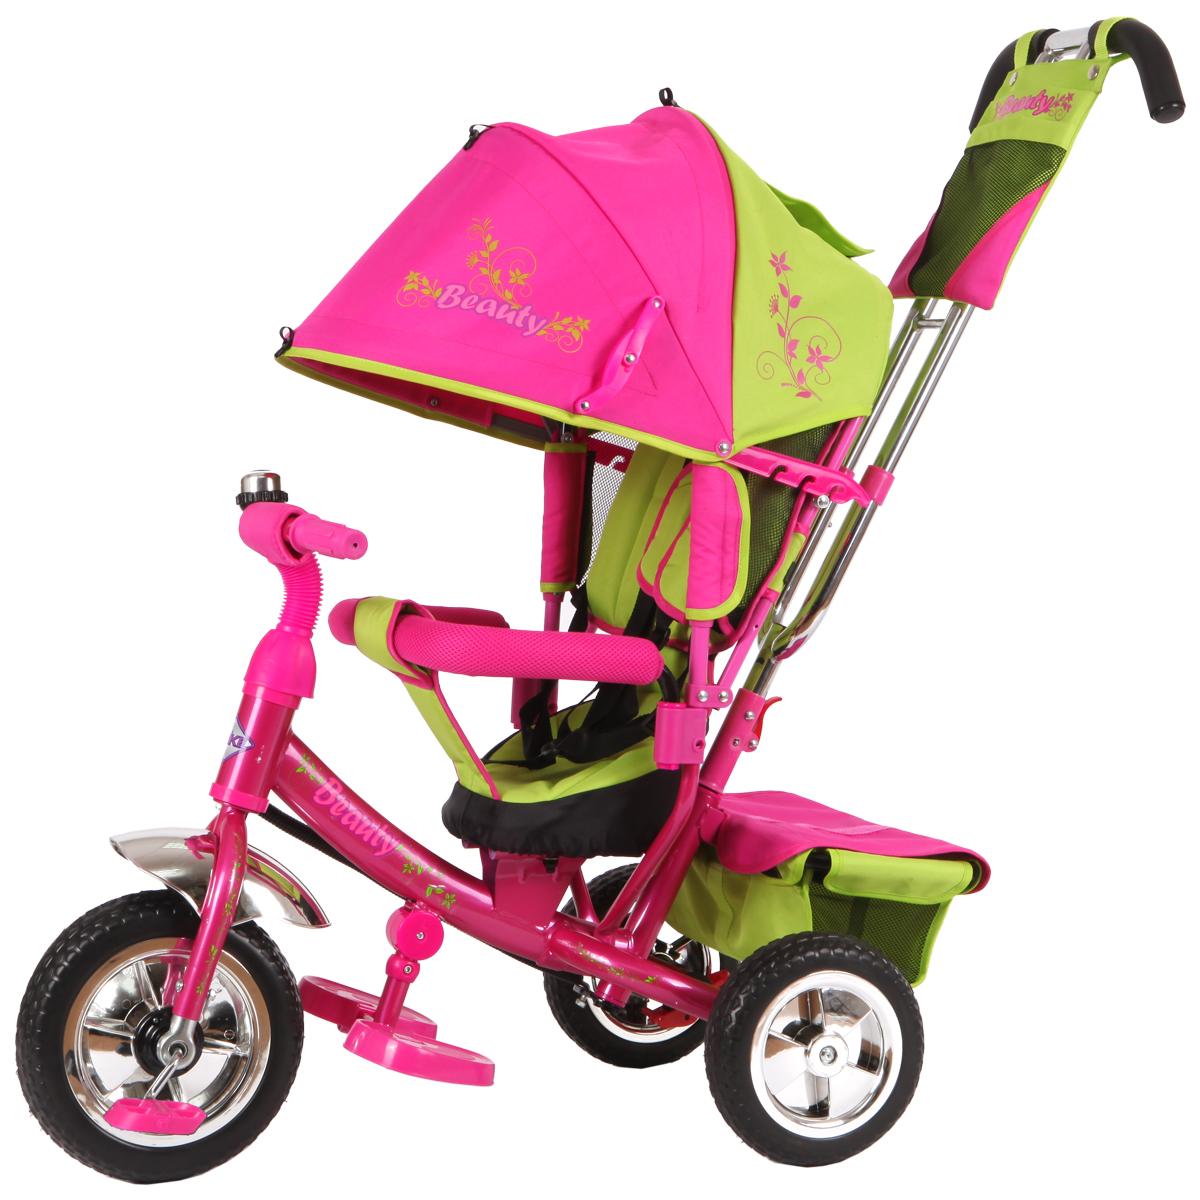 """Трехколесный велосипед """"Beauty"""" подойдет для малышей, которые только осваивают этот вид транспорта. Катание на велосипеде положительно влияет на физическую форму ребенка и улучшает координацию движений. Данная модель детского велосипеда имеет съемную крышу, которая регулируется по высоте. Руль также изменяется по высоте. В этой модели предусмотрена подставка для ножек ребенка. Ребенок может держаться как за руль так и за специальный бортик, обитый мягкой тканью, который поможет ему удержаться на месте. Свободный ход колеса поможет маме легко управляться с велосипедом на прогулке. В корзине велосипеда удобно носить с собой необходимые на прогулке детские вещи. В конструкции велосипеда предусмотрен тормоз.Колеса пластиковые 10"""" и 8"""" в диаметре."""